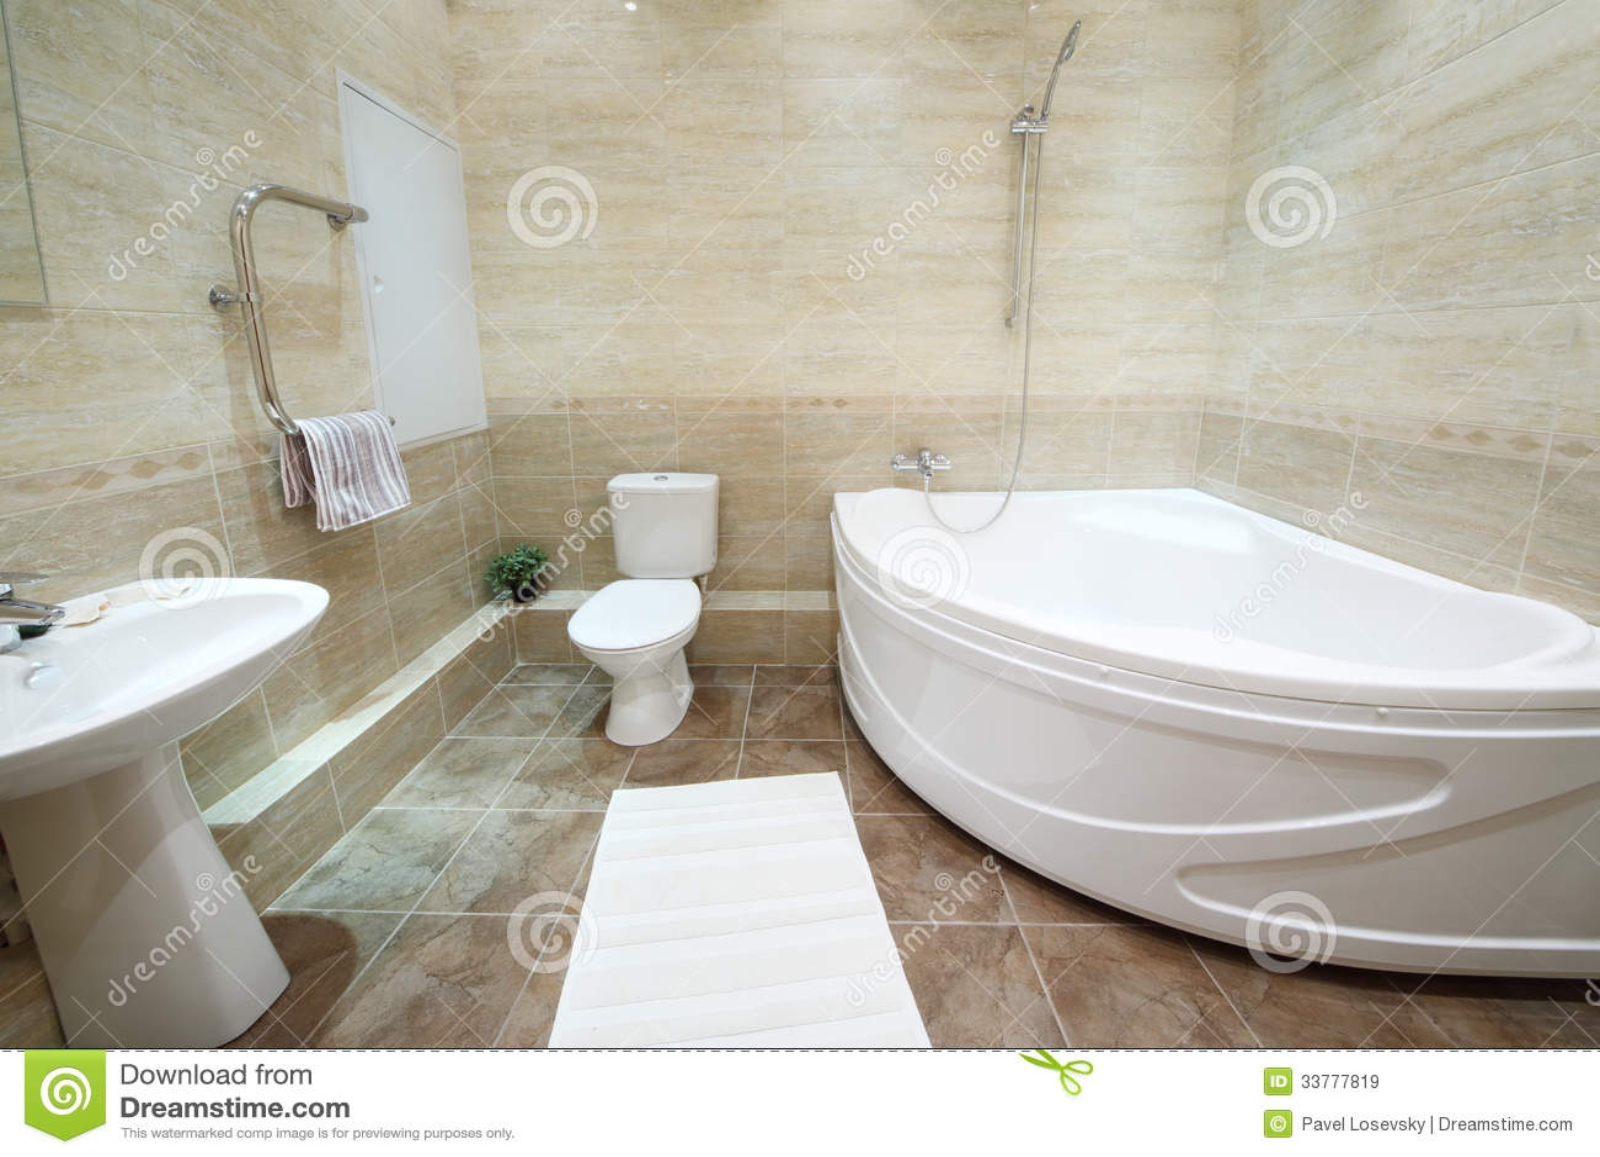 Epoxy Muurverf Badkamer ~ Lichte en schone badkamers met toilet met tegels op vloer en muren in